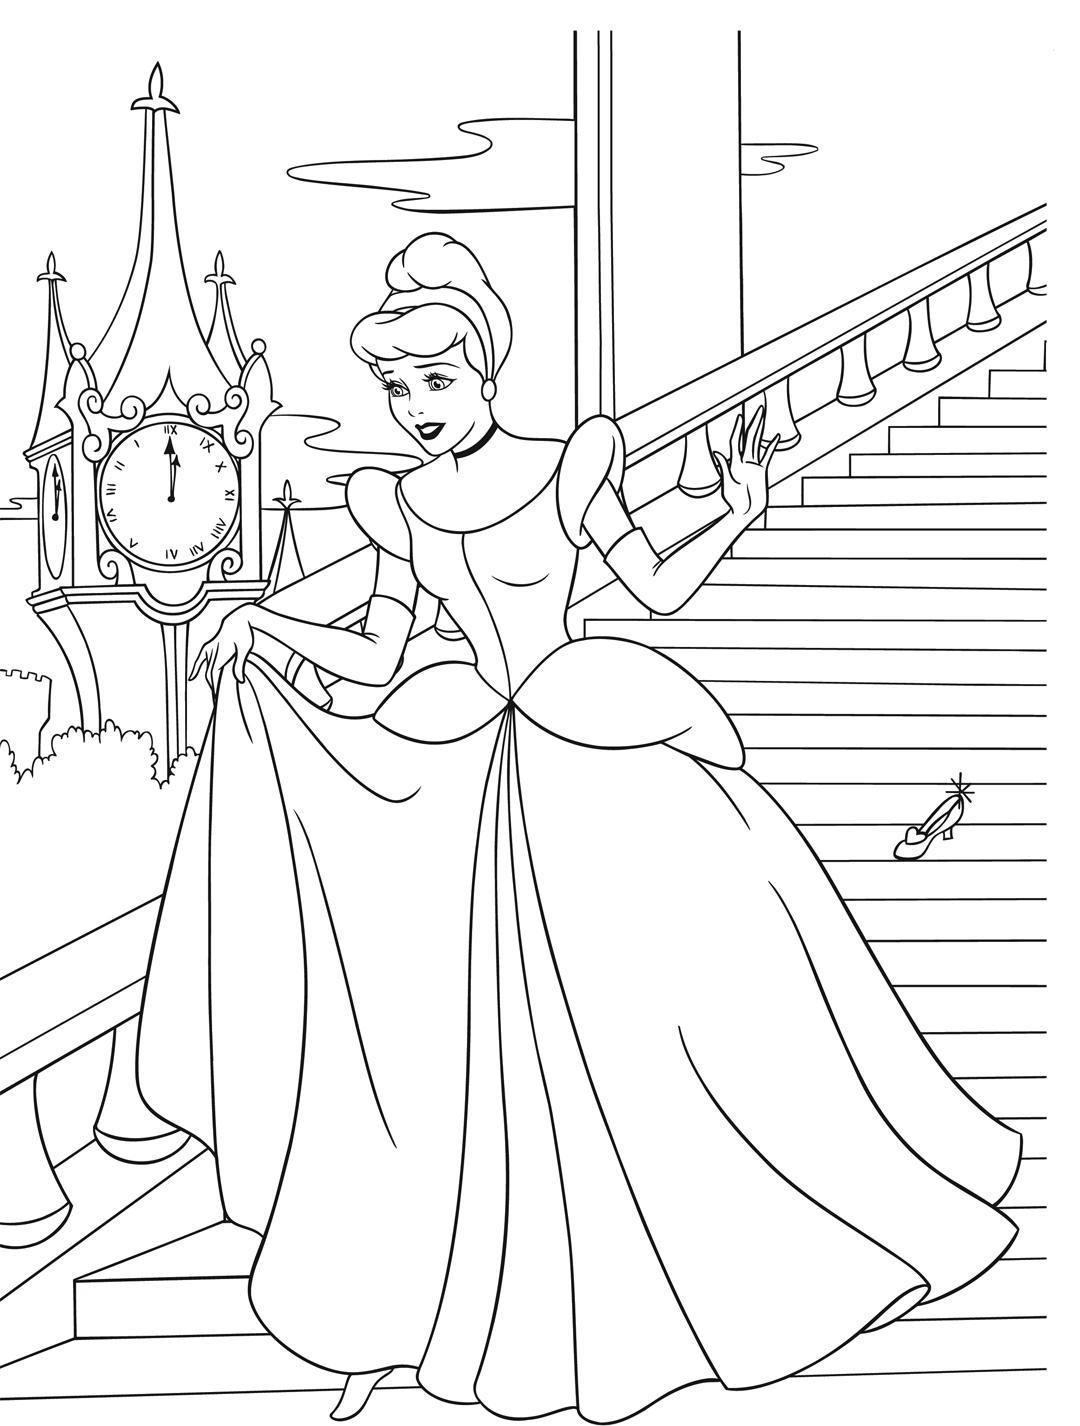 Kinder Malvorlagen Prinzessin - Kinder Ausmalbilder